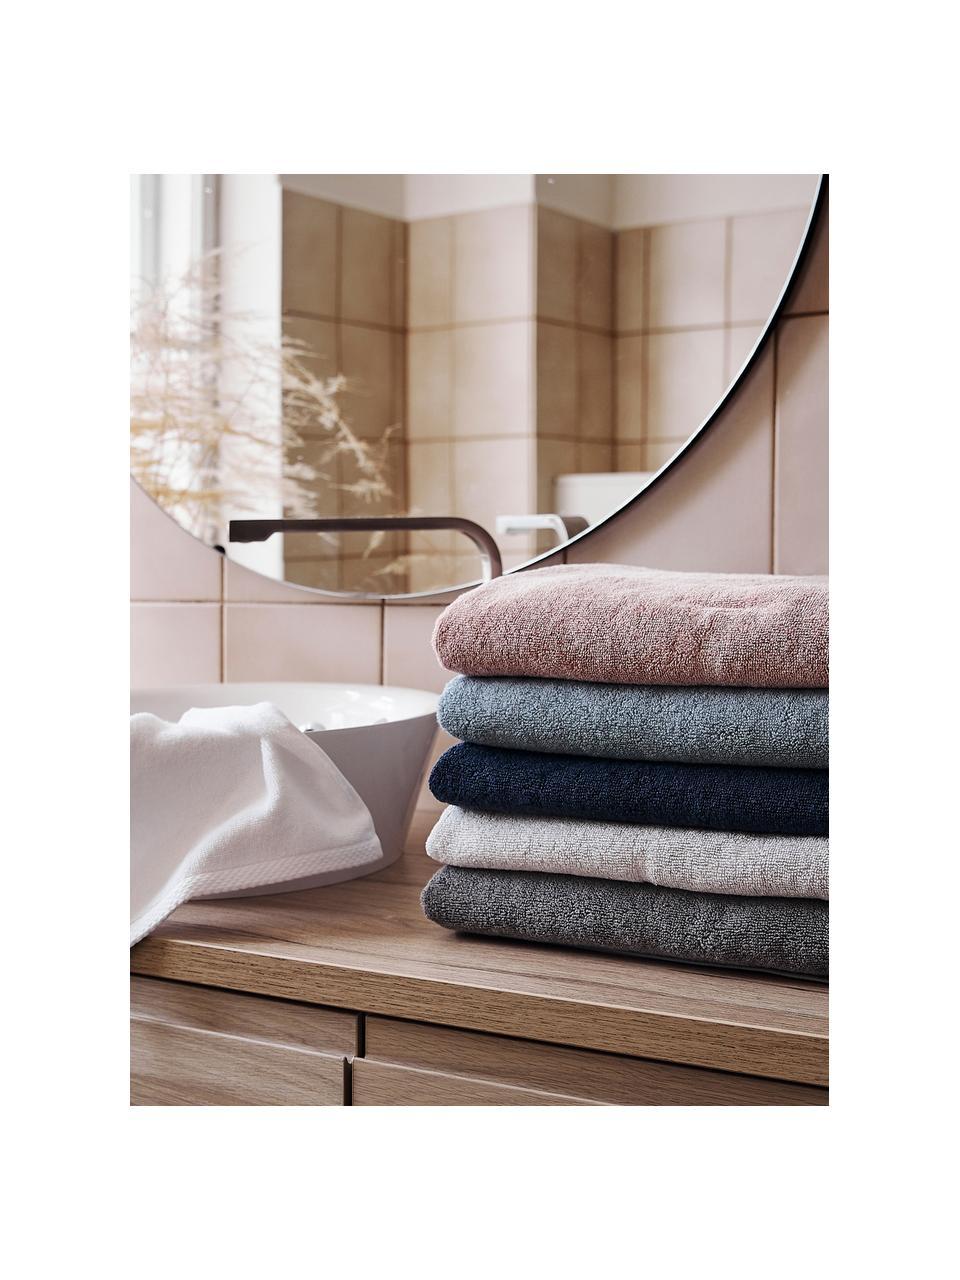 Set 3 asciugamani in tinta unita Comfort, Bianco, Set in varie misure